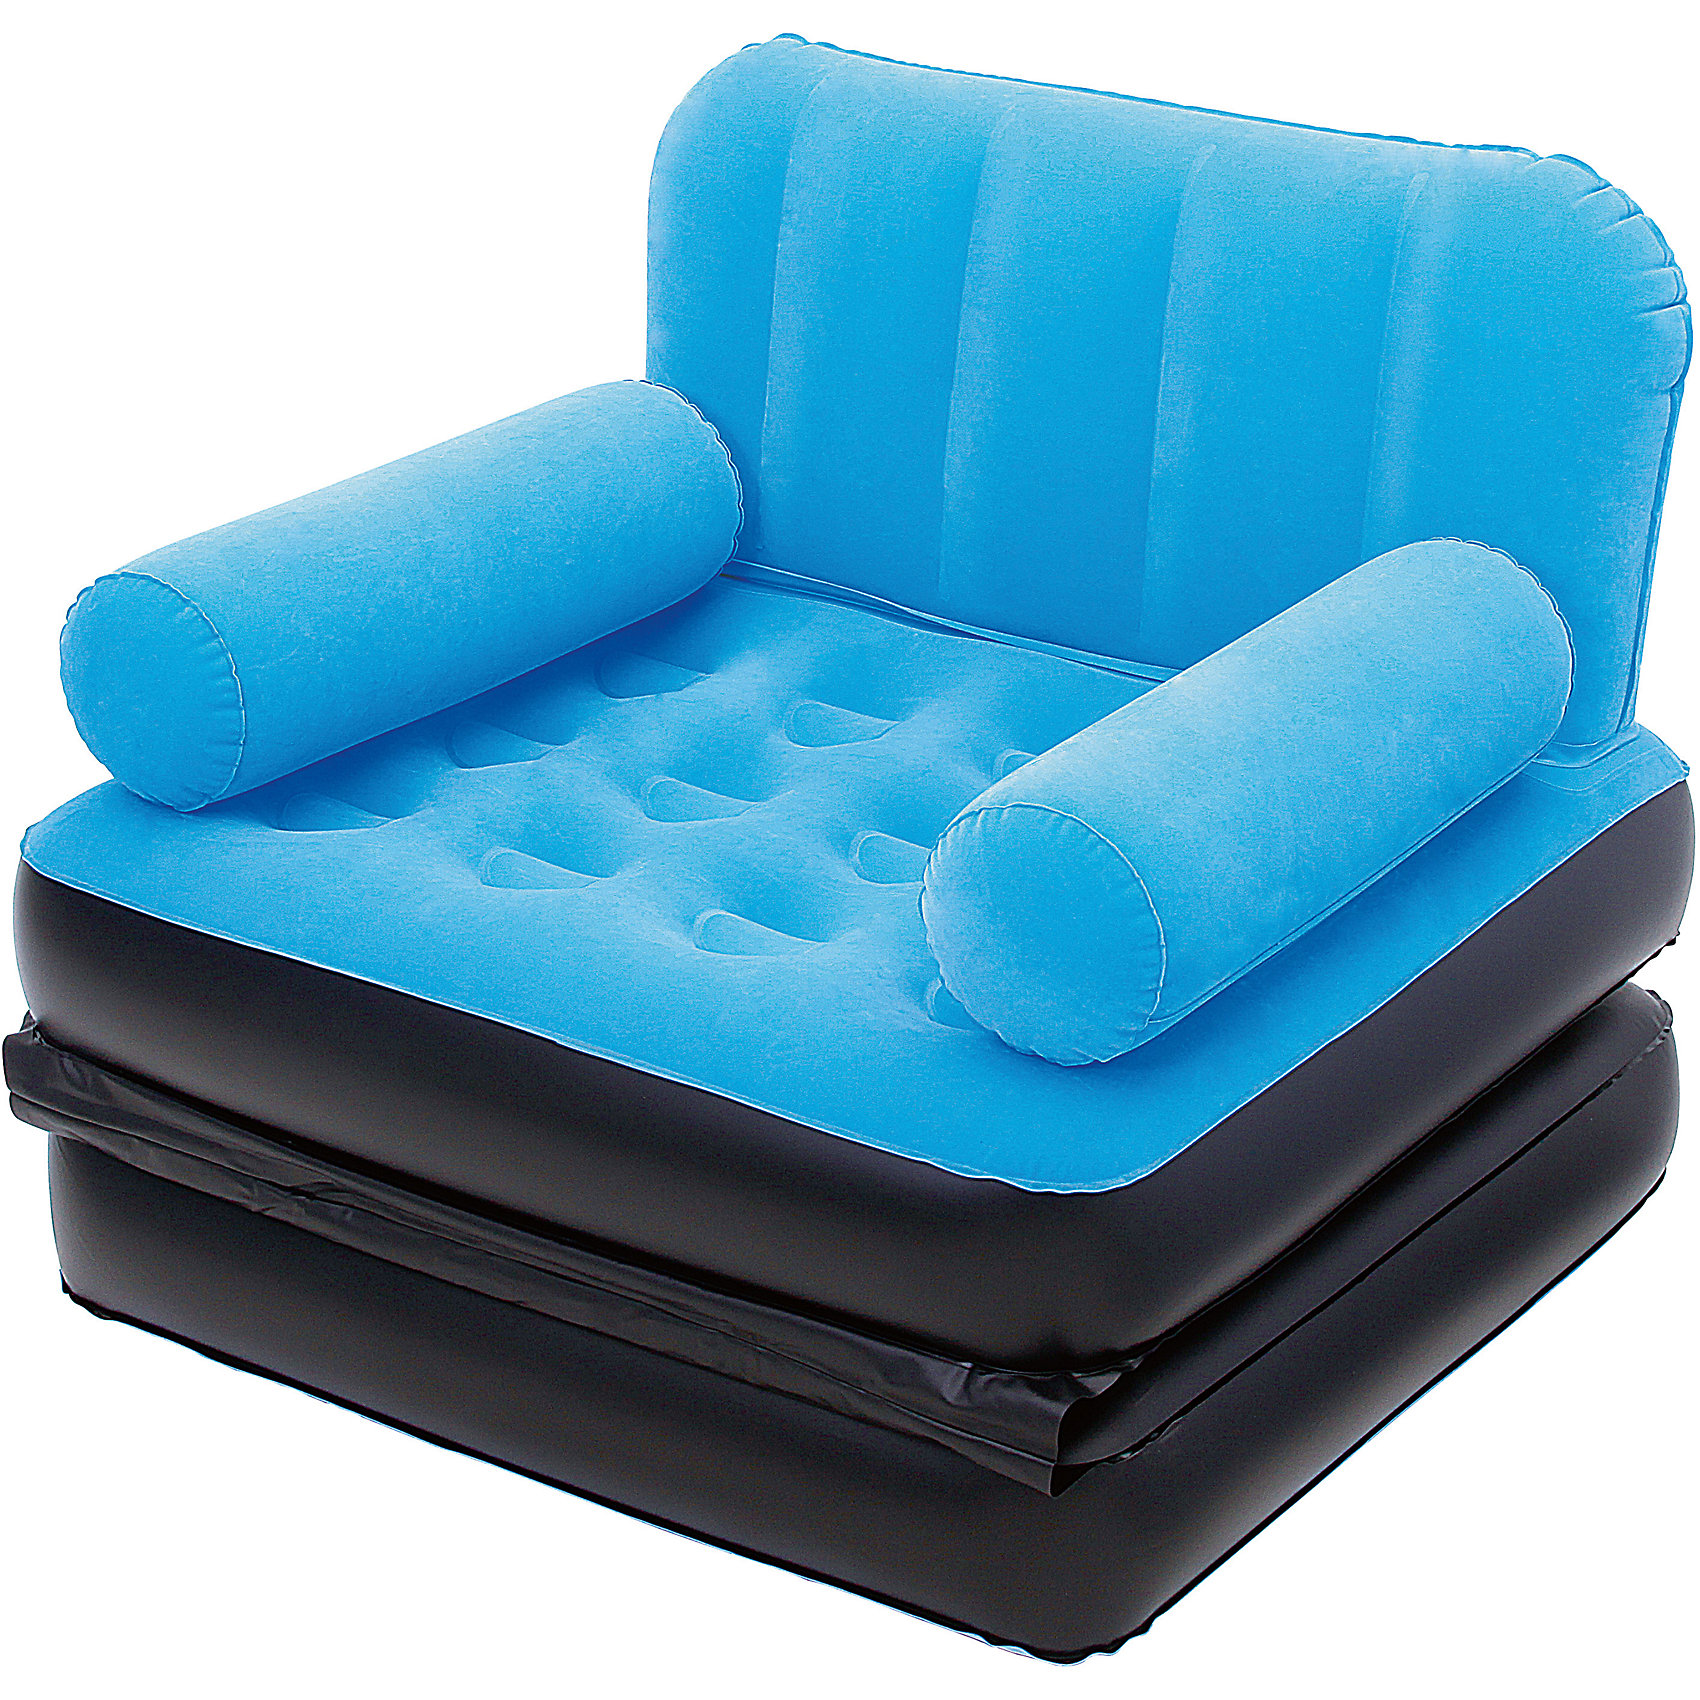 Кресло-кровать надувное, голубое, BestwayМебель<br>Кресло-кровать надувное, голубое, Bestway (Бествей)<br><br>Характеристики:<br><br>• яркое кресло легко трансформируется в кровать<br>• быстро надувается<br>• прочное<br>• материал: винил<br>• размер: 193х102х64 см<br>• цвет: голубой<br>• максимальная нагрузка: 223 кг<br>• вес: 3 кг<br><br>Яркое кресло Bestway легко и быстро трансформируется в односпальную кровать. Привлекательный дизайн украсит интерьер любого помещения. Вы можете использовать кресло дома или на открытом воздухе. Процесс установки занимает не более пяти минут. Кресло изготовлено из винила высокой прочности. С этим креслом вы сможете значительно сэкономить место в вашем доме.<br><br>Кресло-кровать надувное, голубое, Bestway (Бествей) вы можете купить в нашем интернет-магазине.<br><br>Ширина мм: 635<br>Глубина мм: 350<br>Высота мм: 370<br>Вес г: 2983<br>Возраст от месяцев: 72<br>Возраст до месяцев: 2147483647<br>Пол: Унисекс<br>Возраст: Детский<br>SKU: 5486938